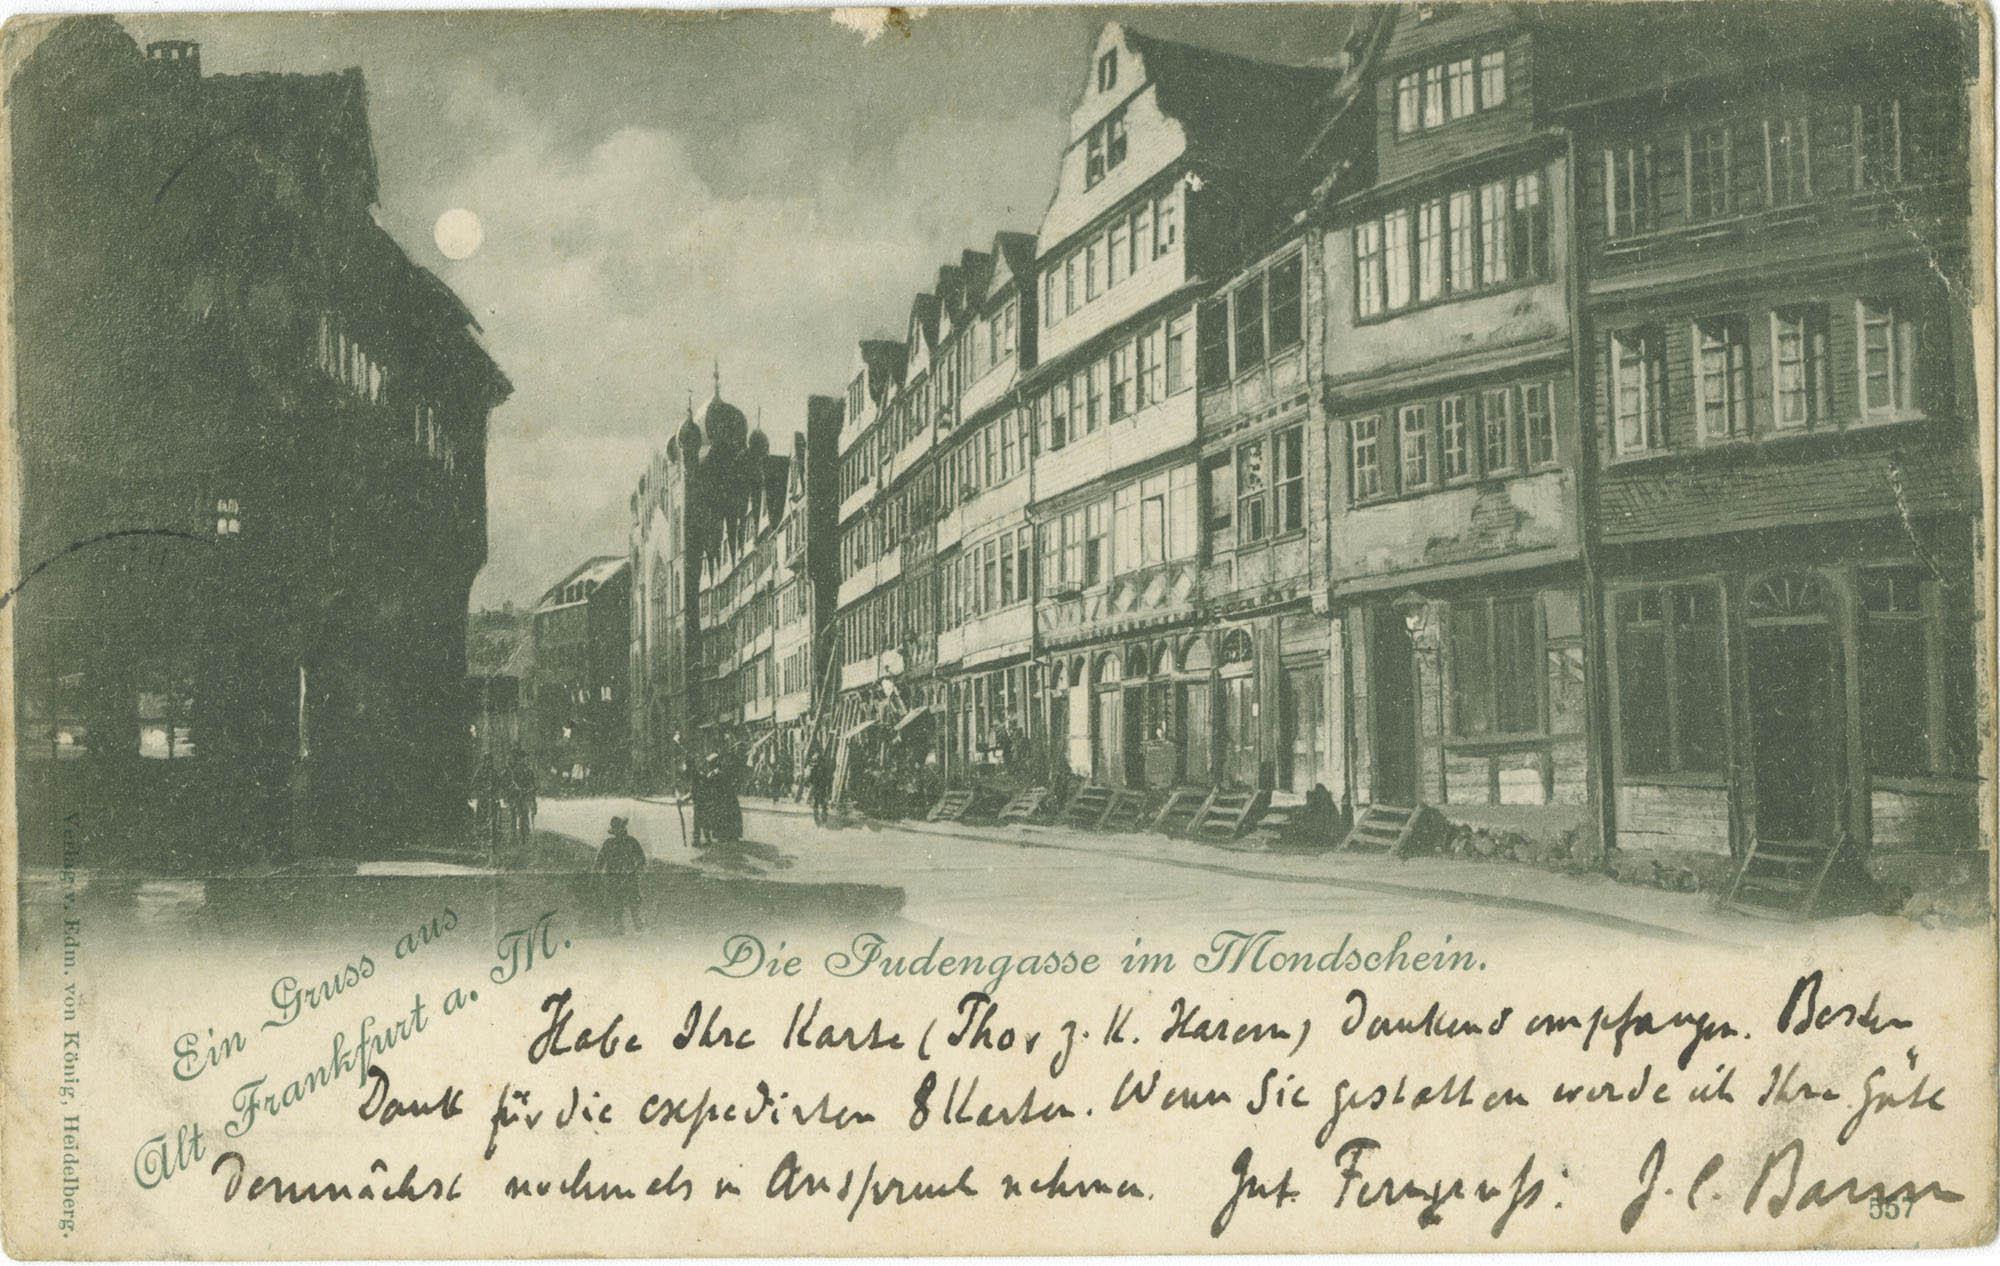 Ein Gruss aus Alt Frankfurt a. M. Die Judengasse im Mondschein.